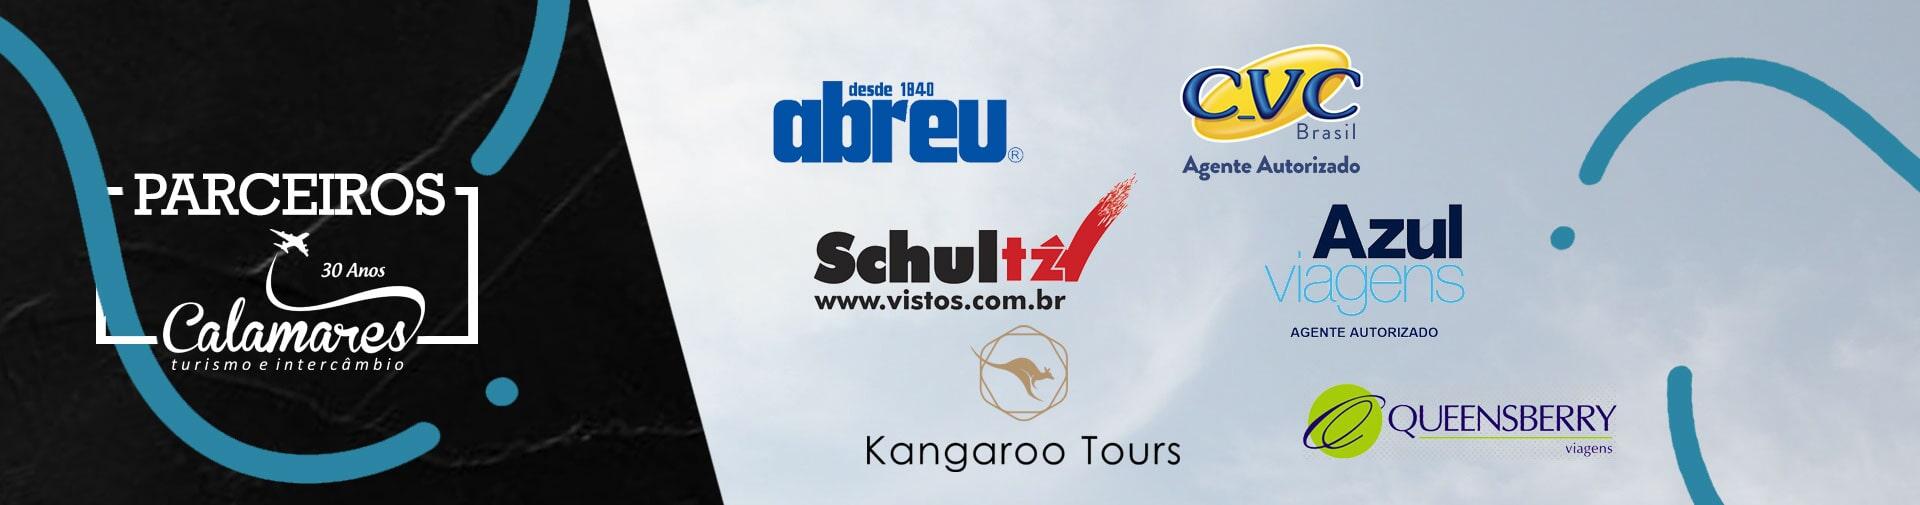 Nossos parceiros - Abreu, CVC, Schultz, Azul Viagens, Kangaroo Tours, Queensberry Viagens